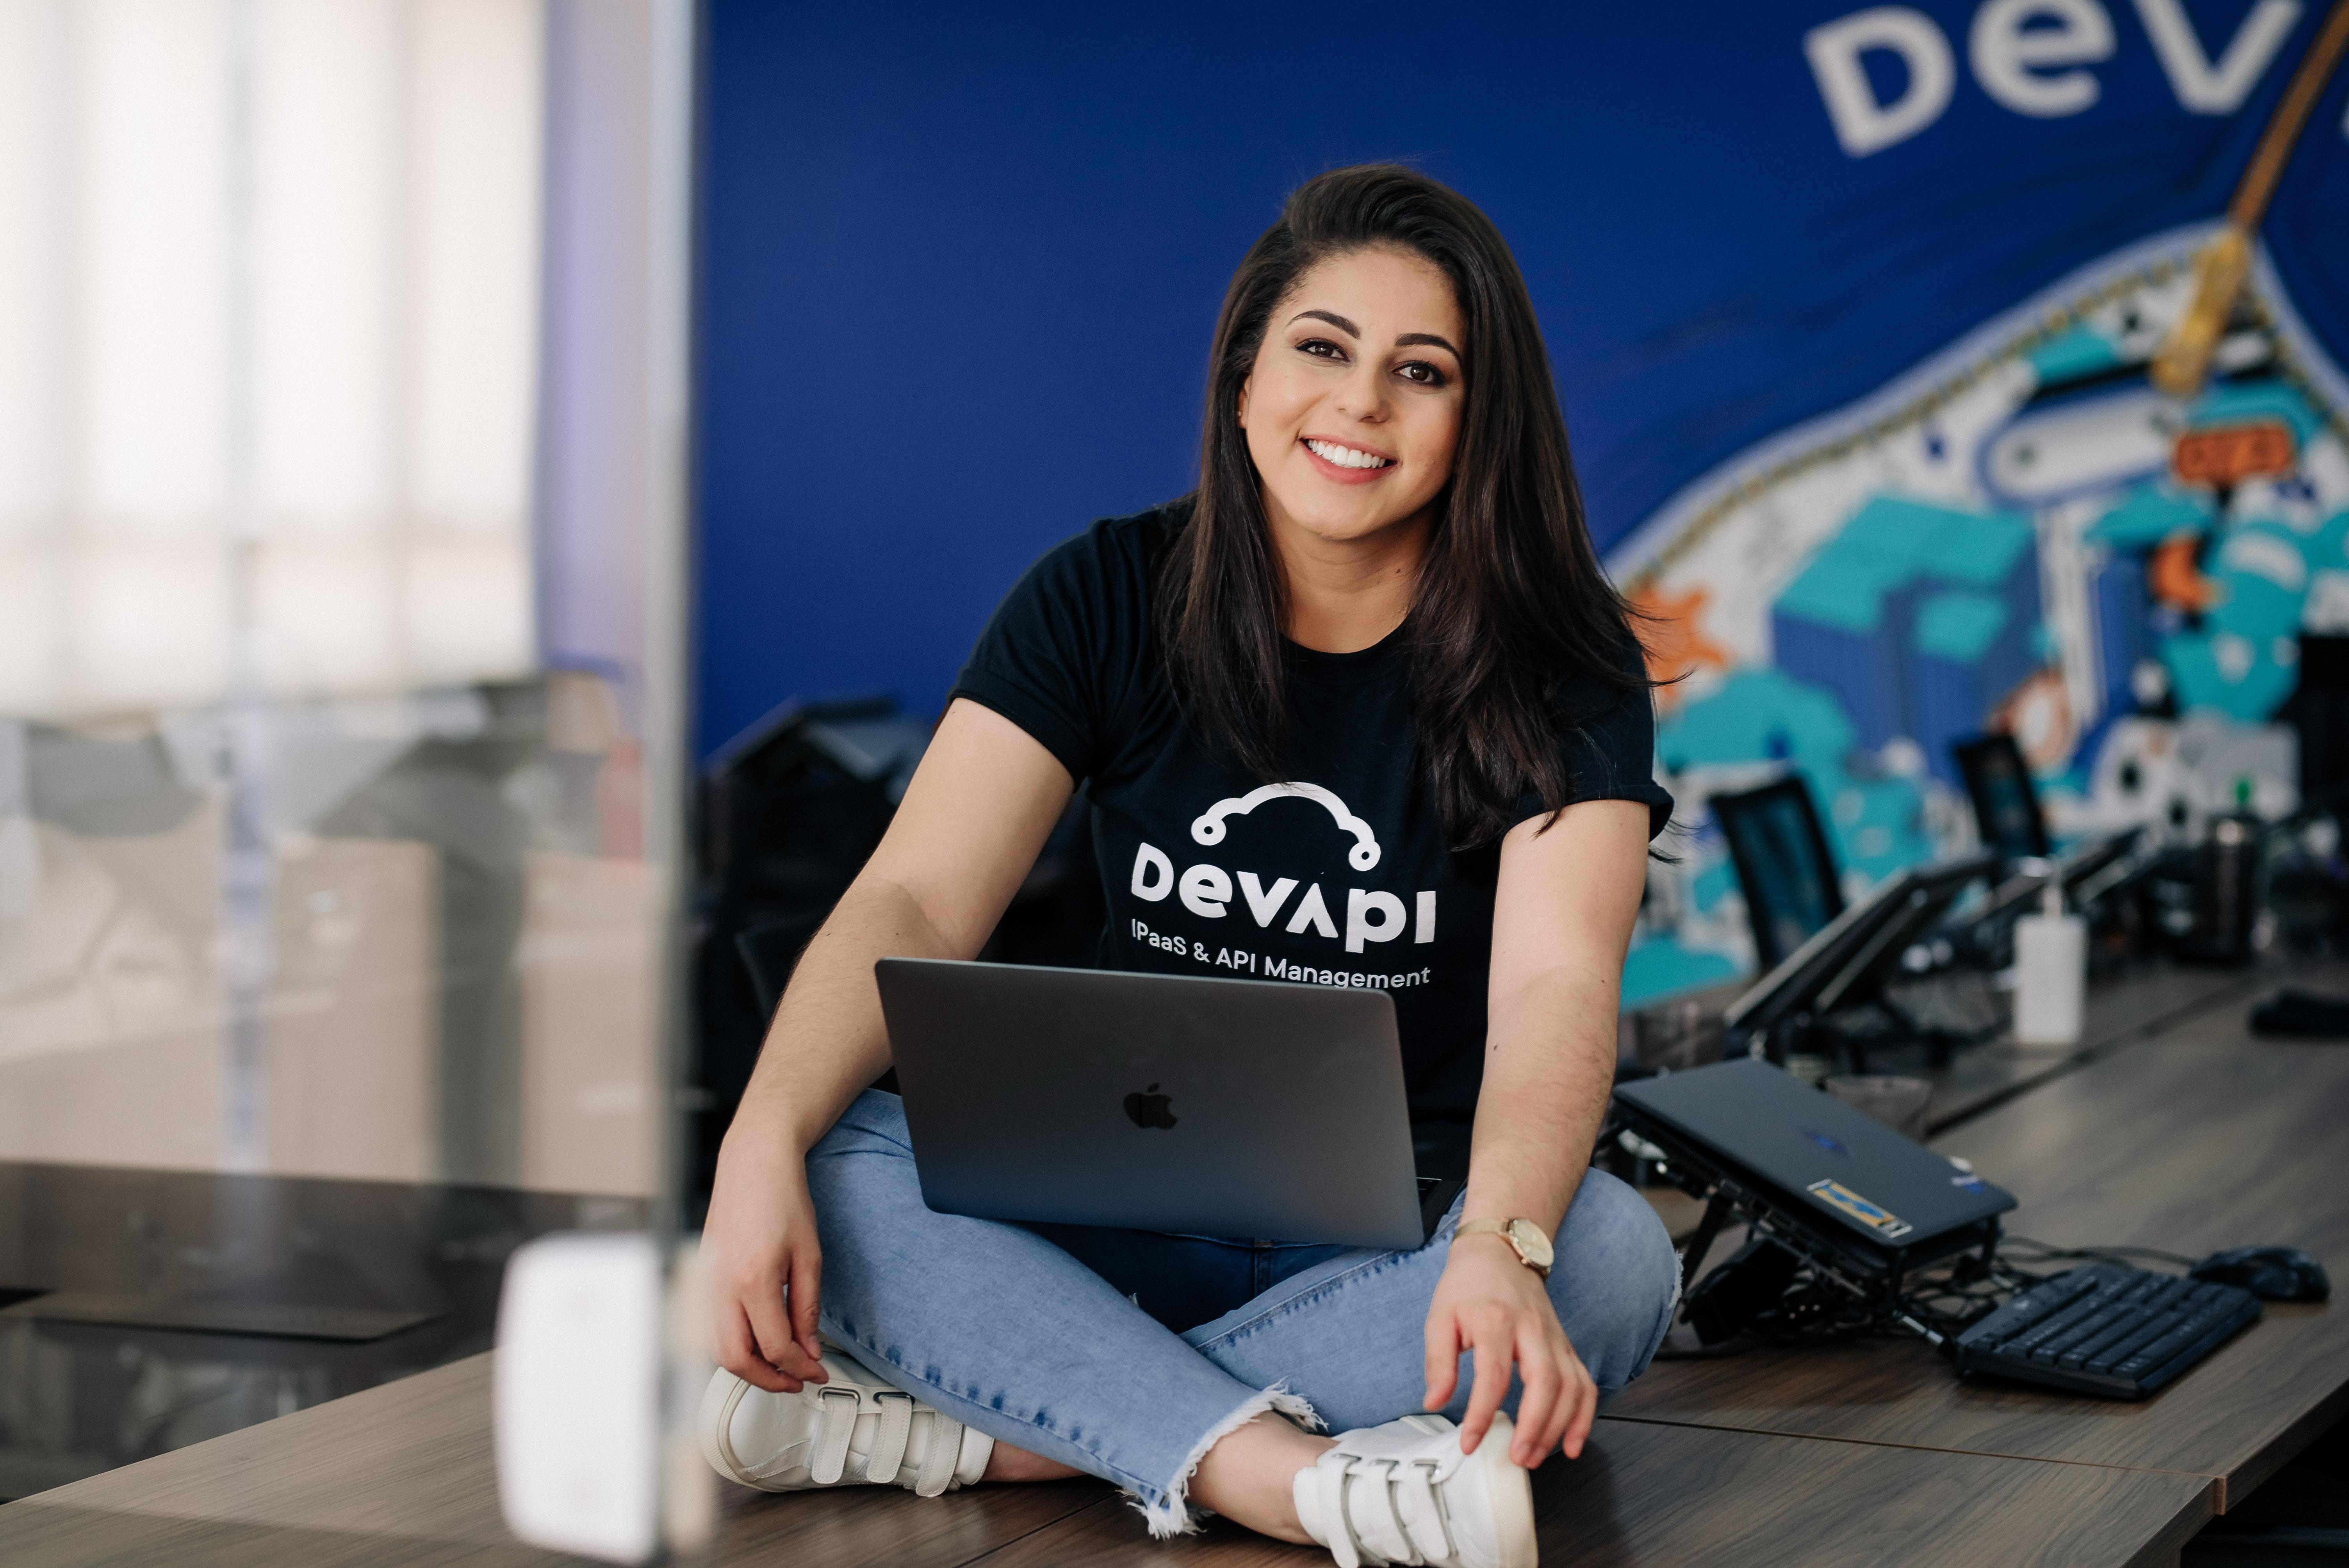 Inovação Curitiba: DevApi